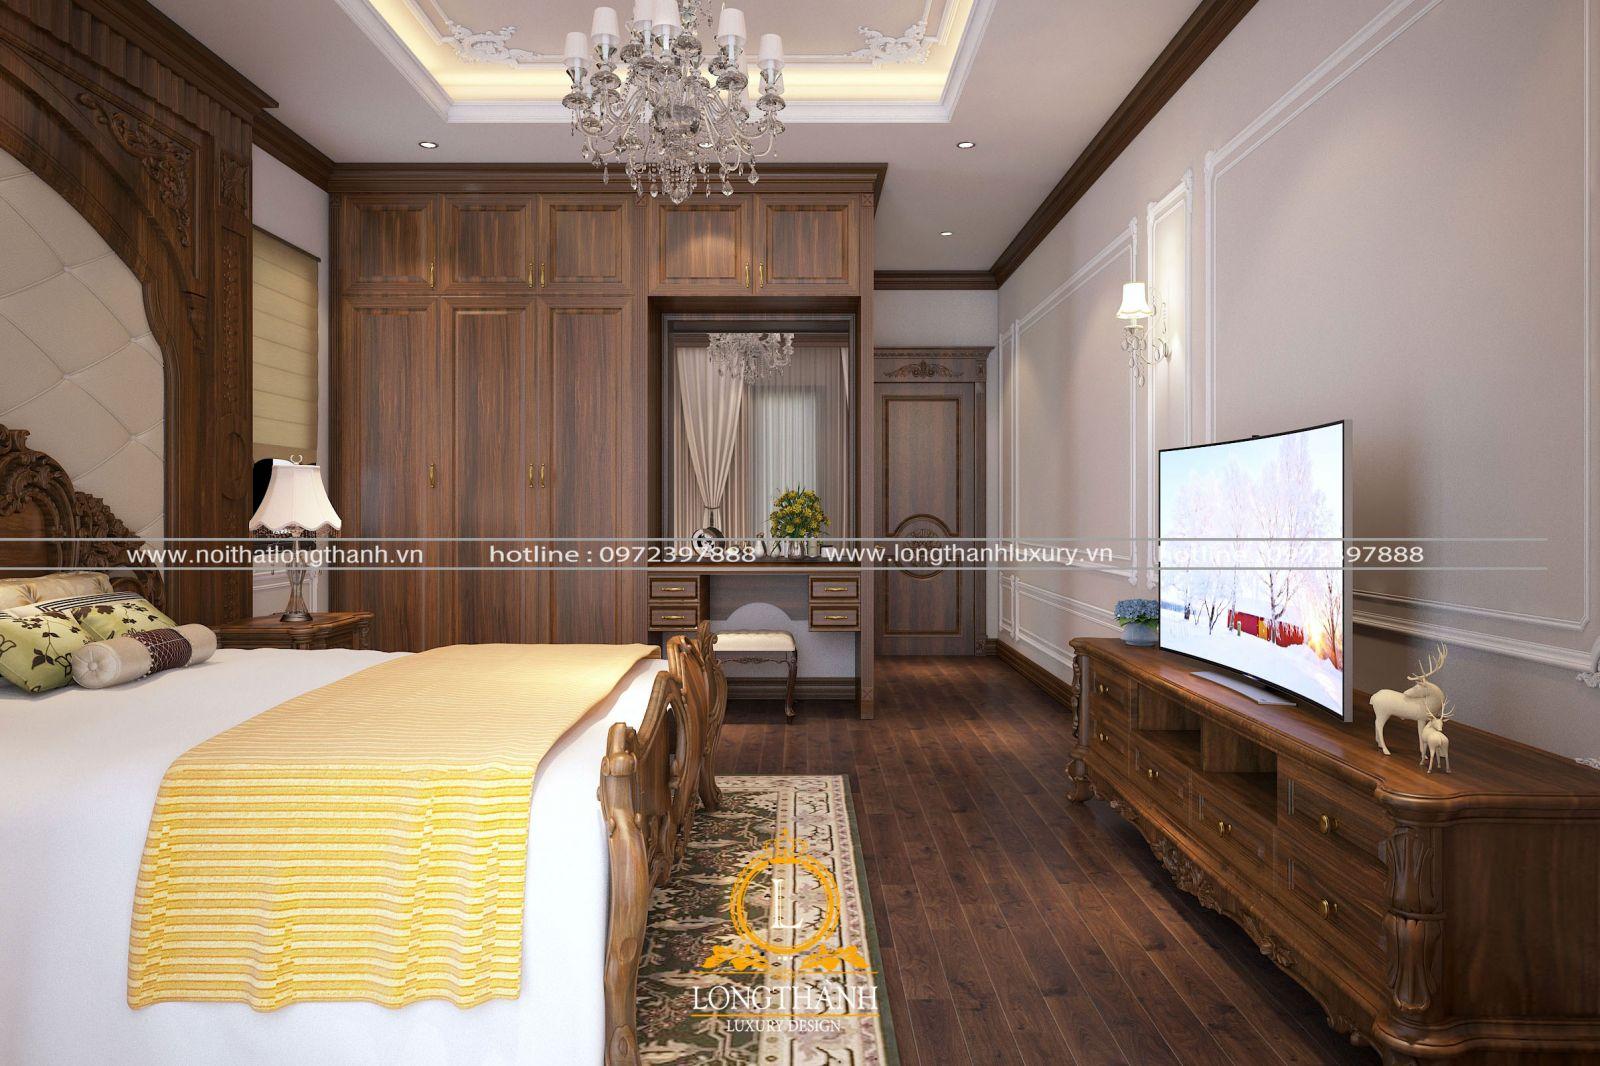 Thiết kế không gian nội thất phòng ngủ góc nhìn chính tủ quần áo